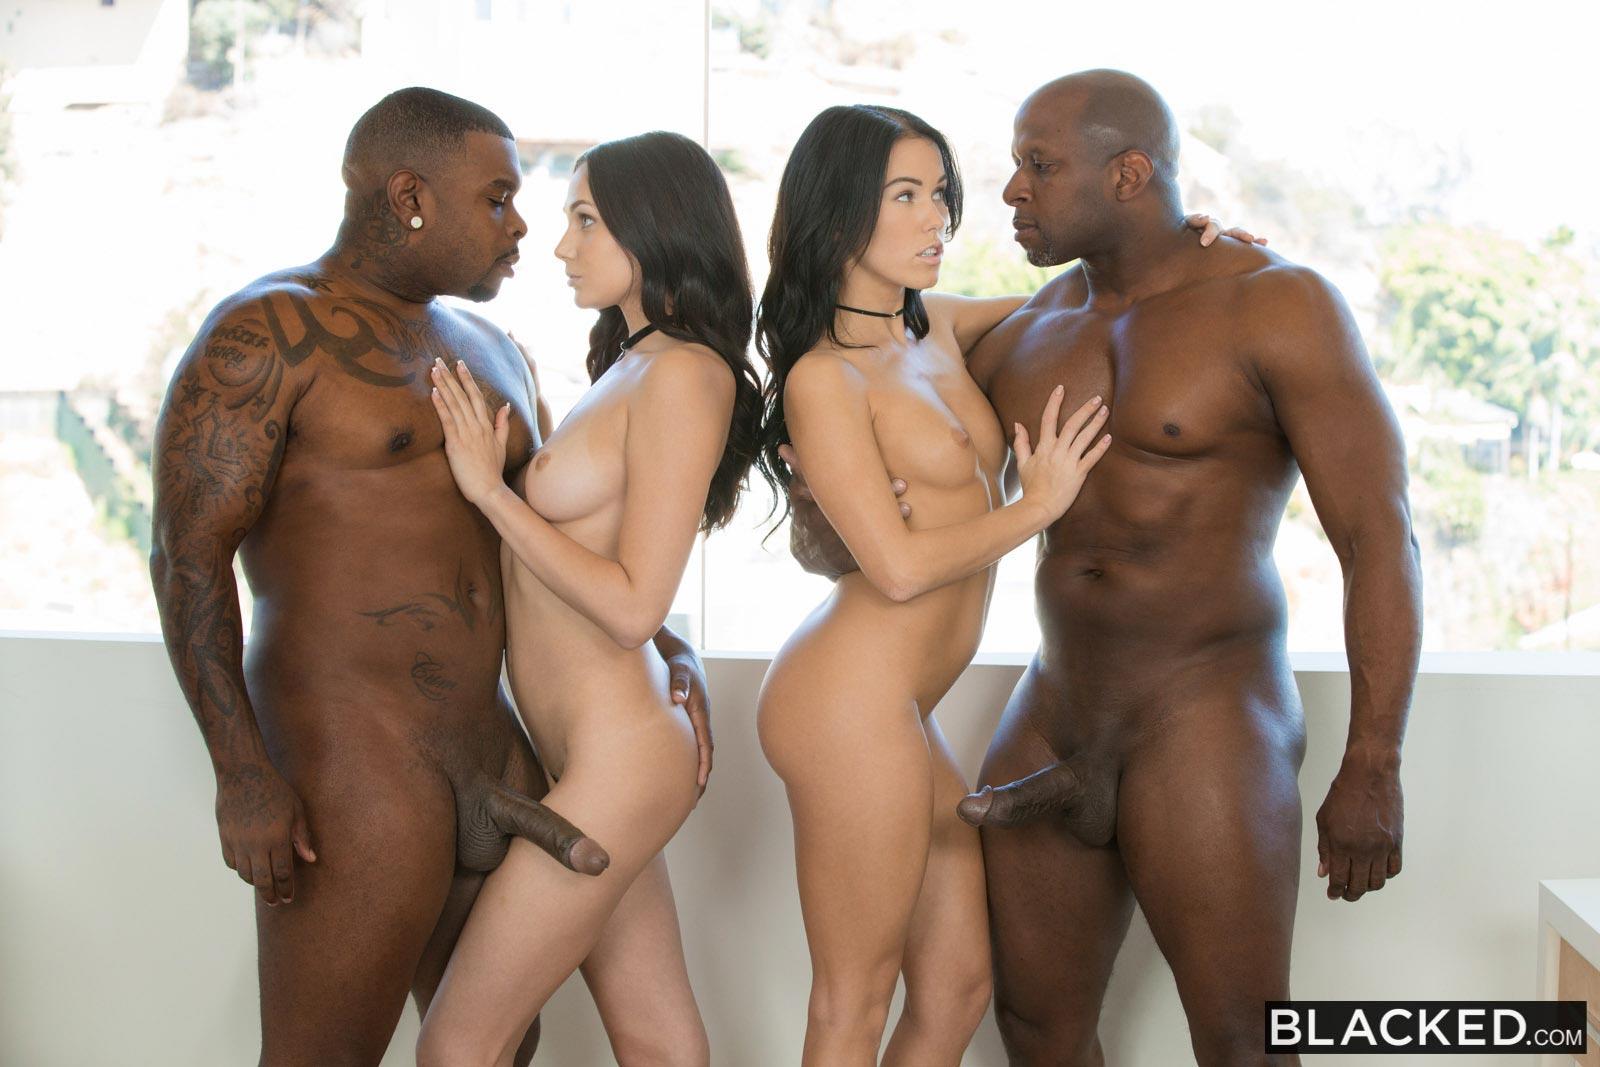 interracial orgy porn